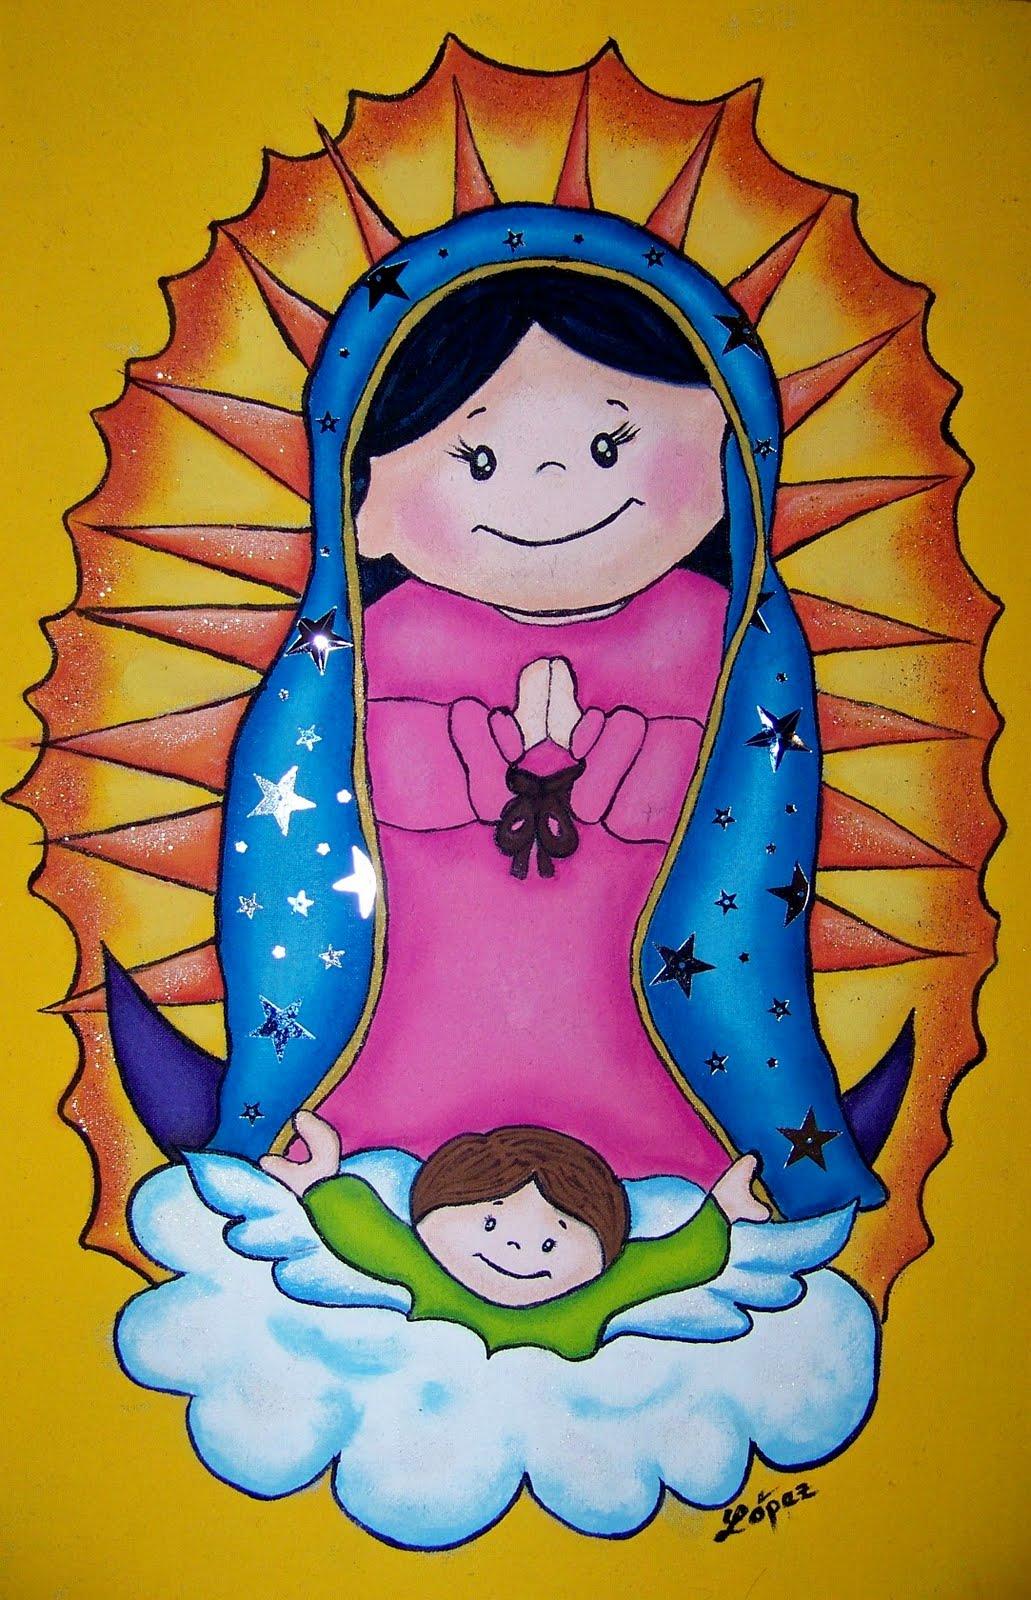 La virgen de guadalupe no hace milagros, ni los santos ni